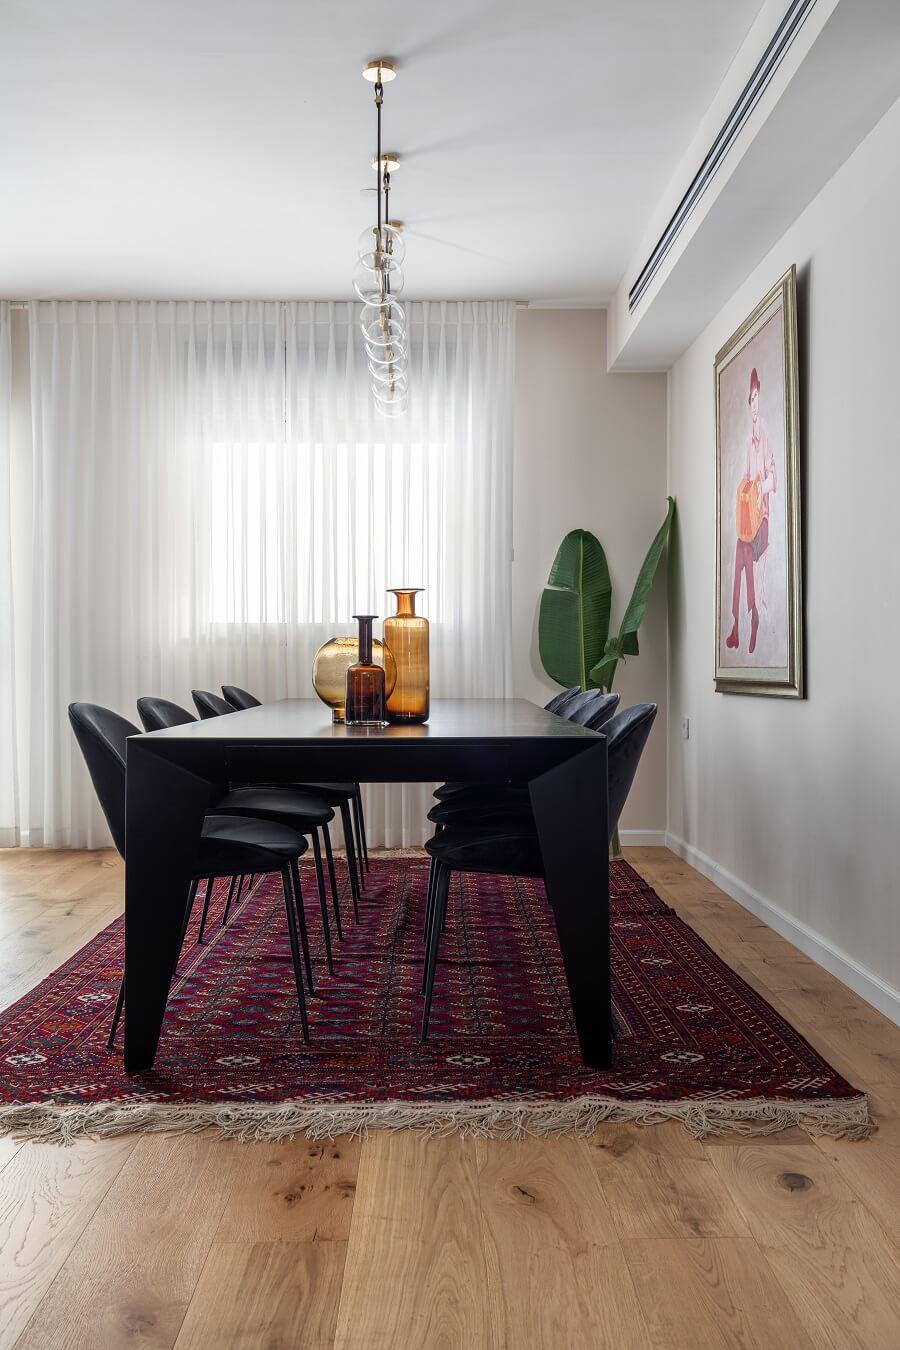 עיצוב לירון כהן מגורי   צילום אורית ארנון